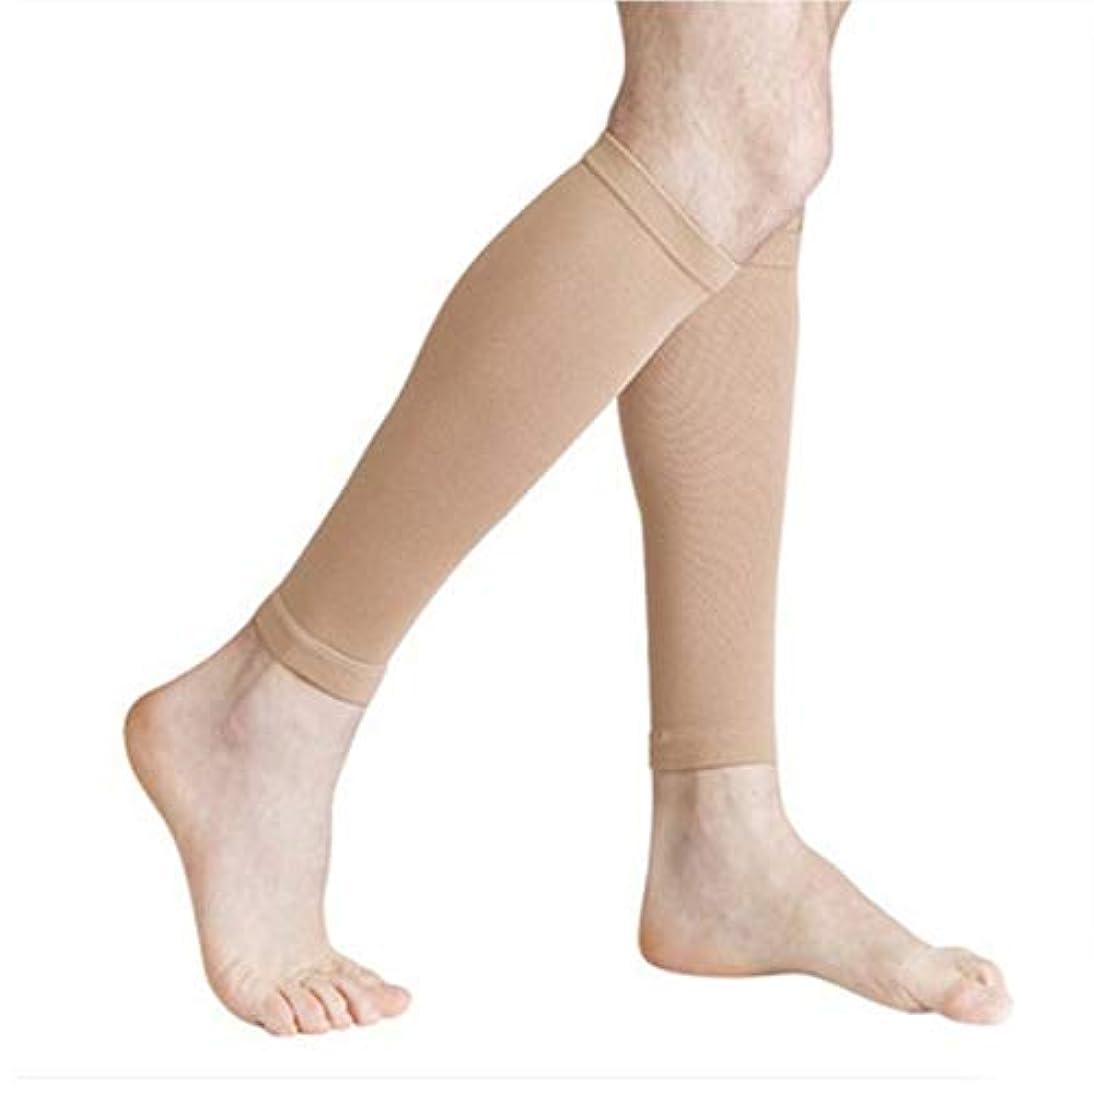 リンクくぼみ気怠いふくらはぎコンプレッションスリーブ脚コンプレッションソックスシンスプリントふくらはぎの痛みを軽減メンズランニング用サイクリング女性用スリーブ-スキン